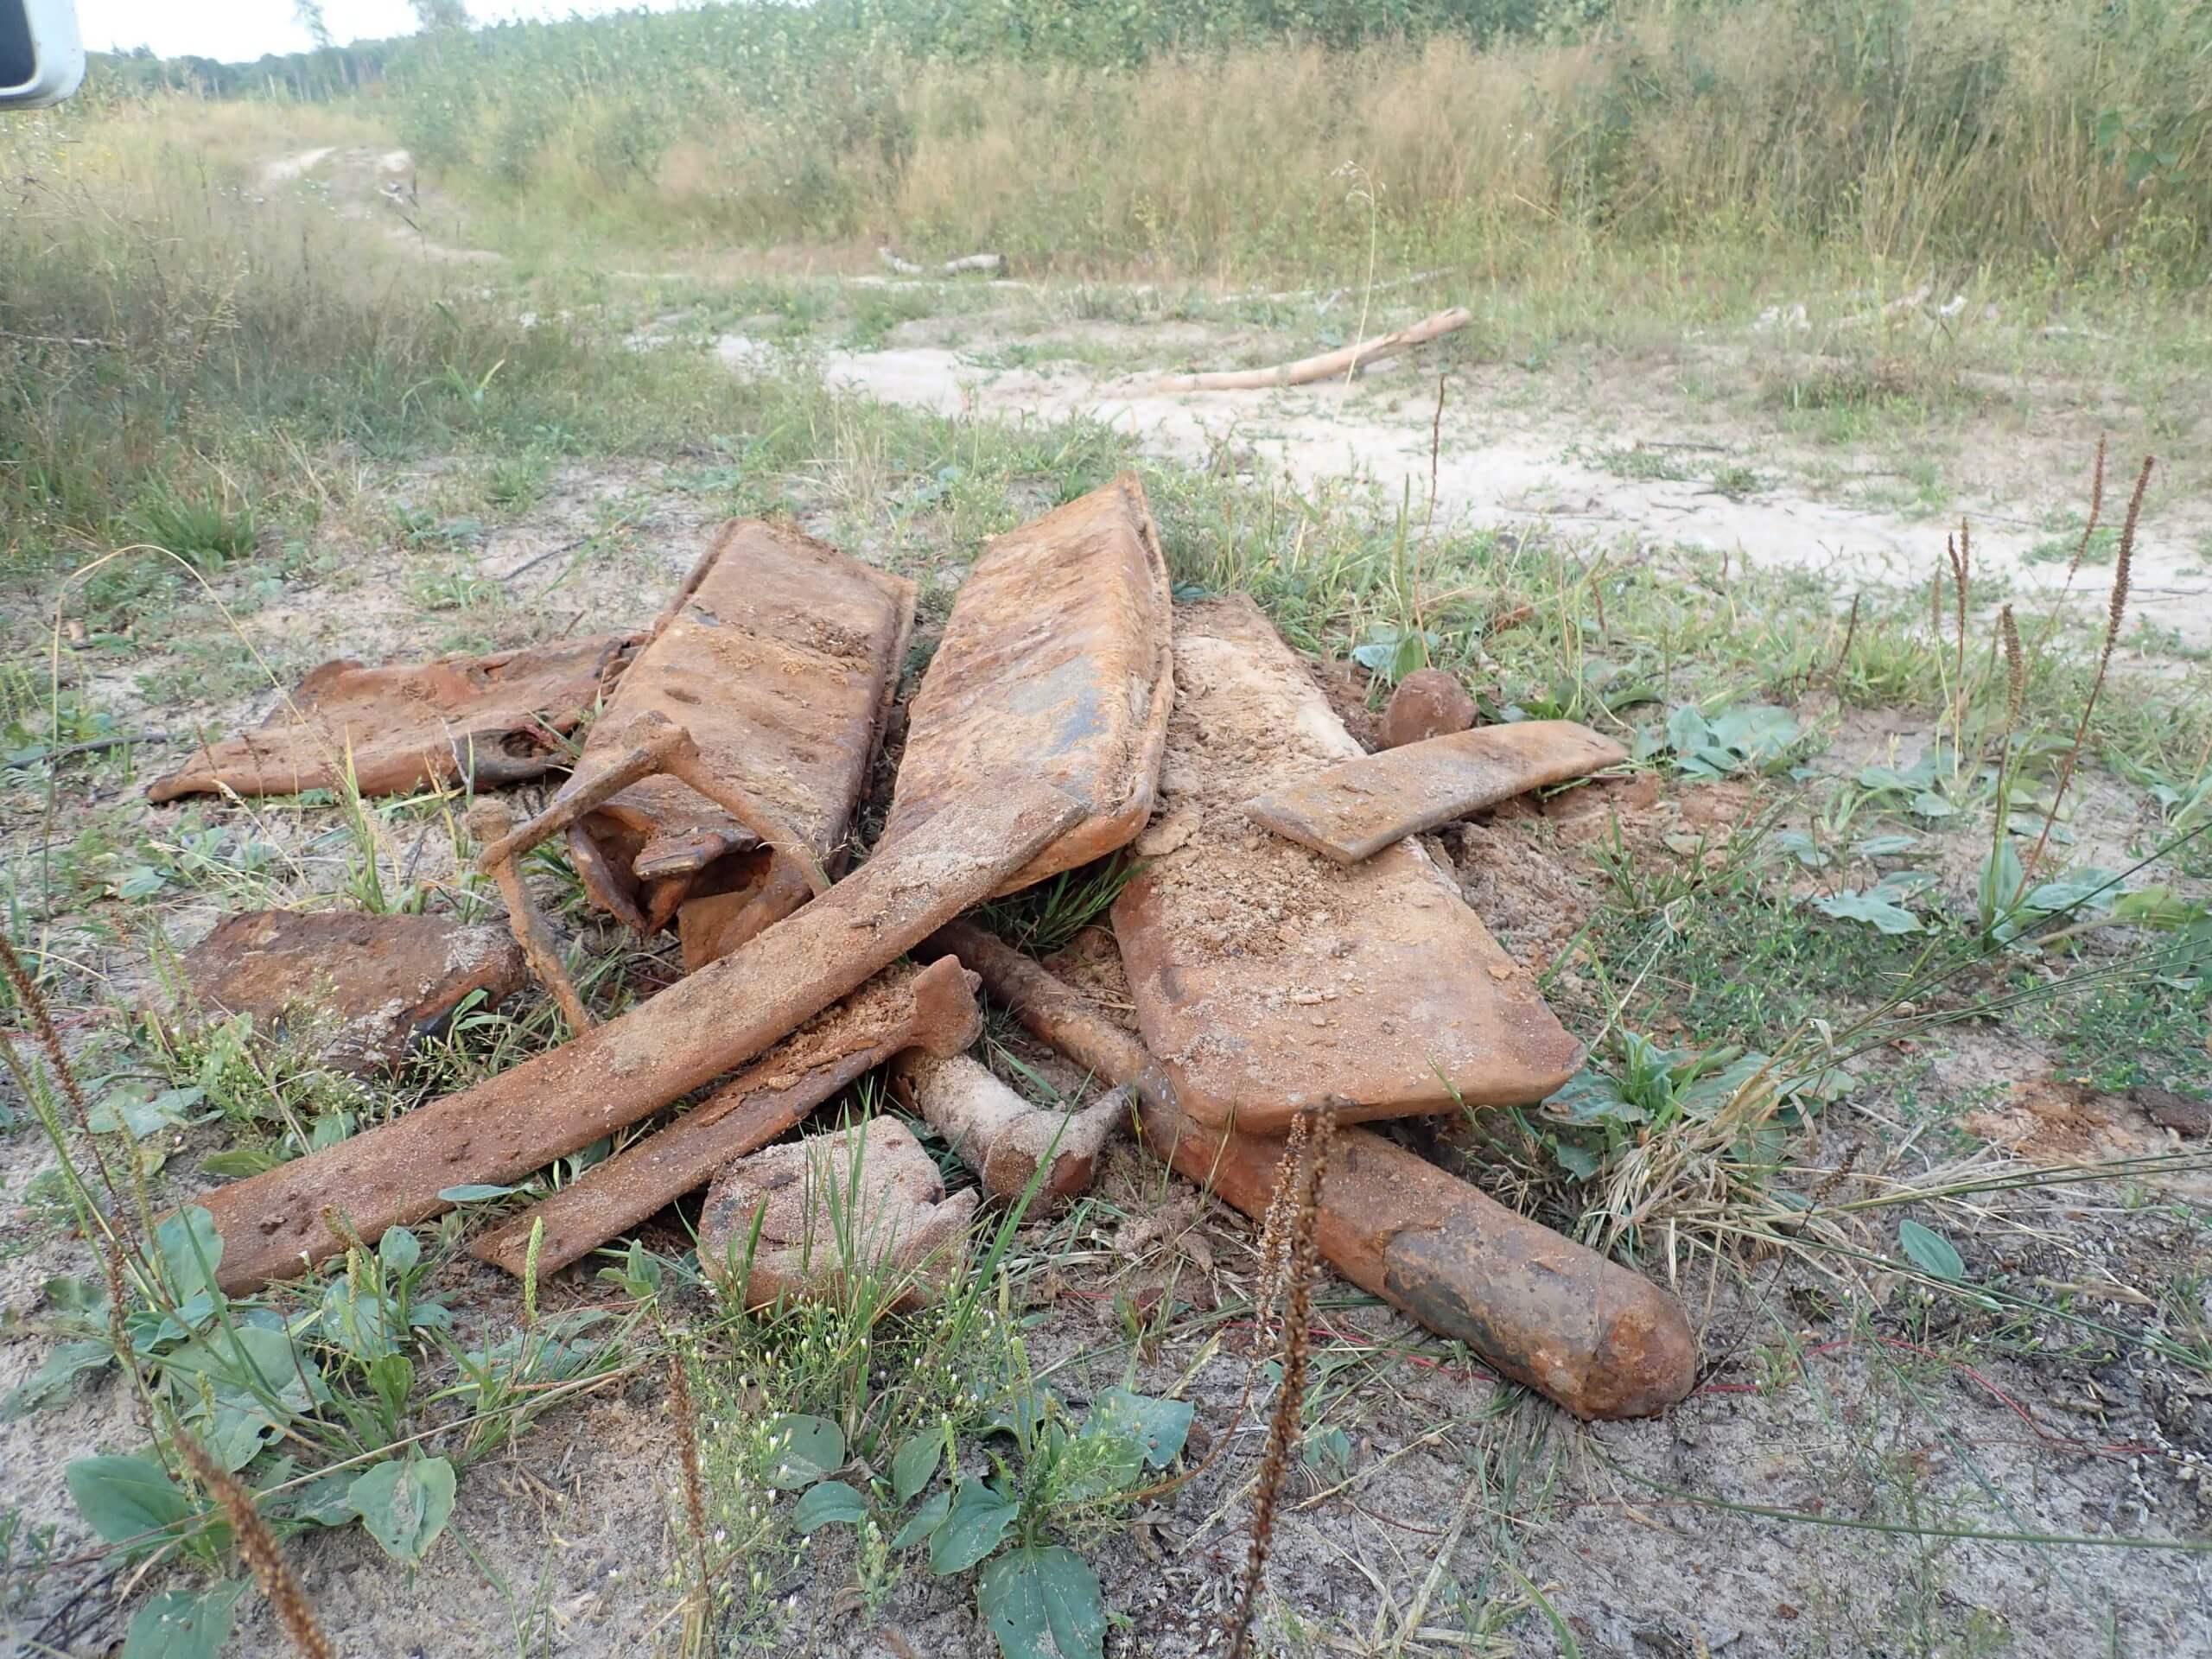 Коп металлолома на лесных дорогах. Несколько полезных и дельных советов